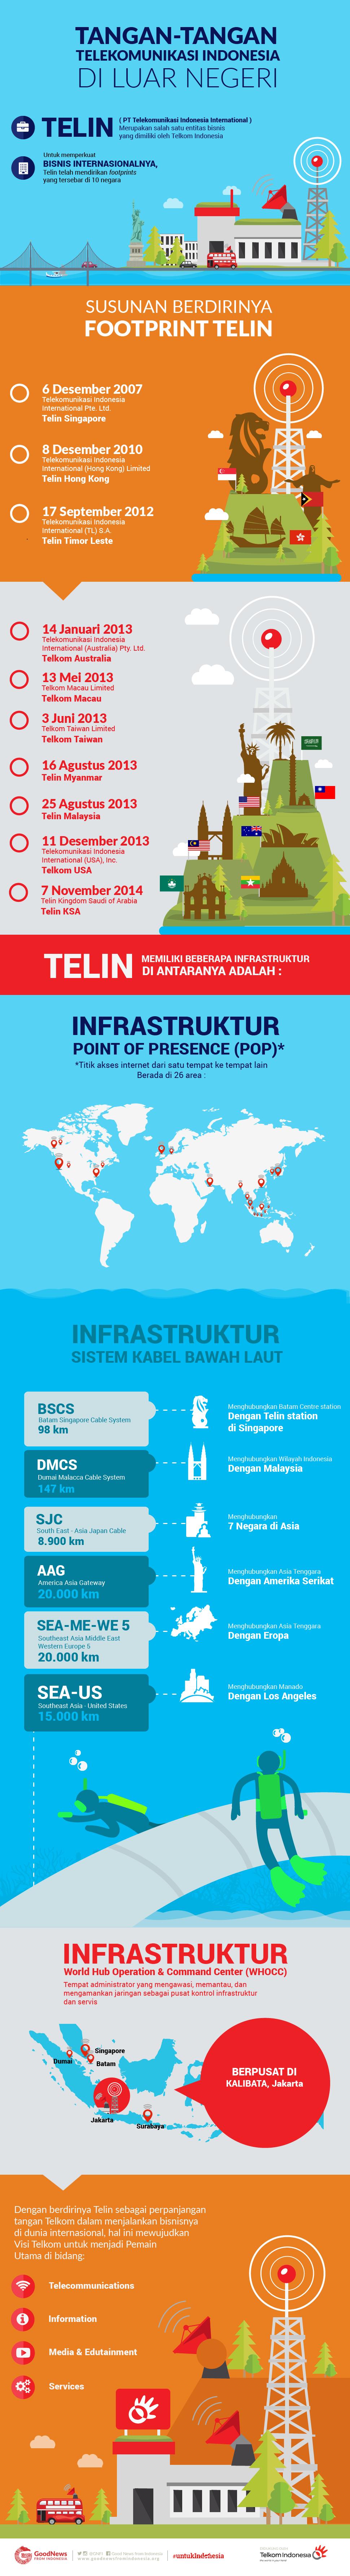 Tangan-tangan Telekomunikasi Indonesia di Luar Negeri